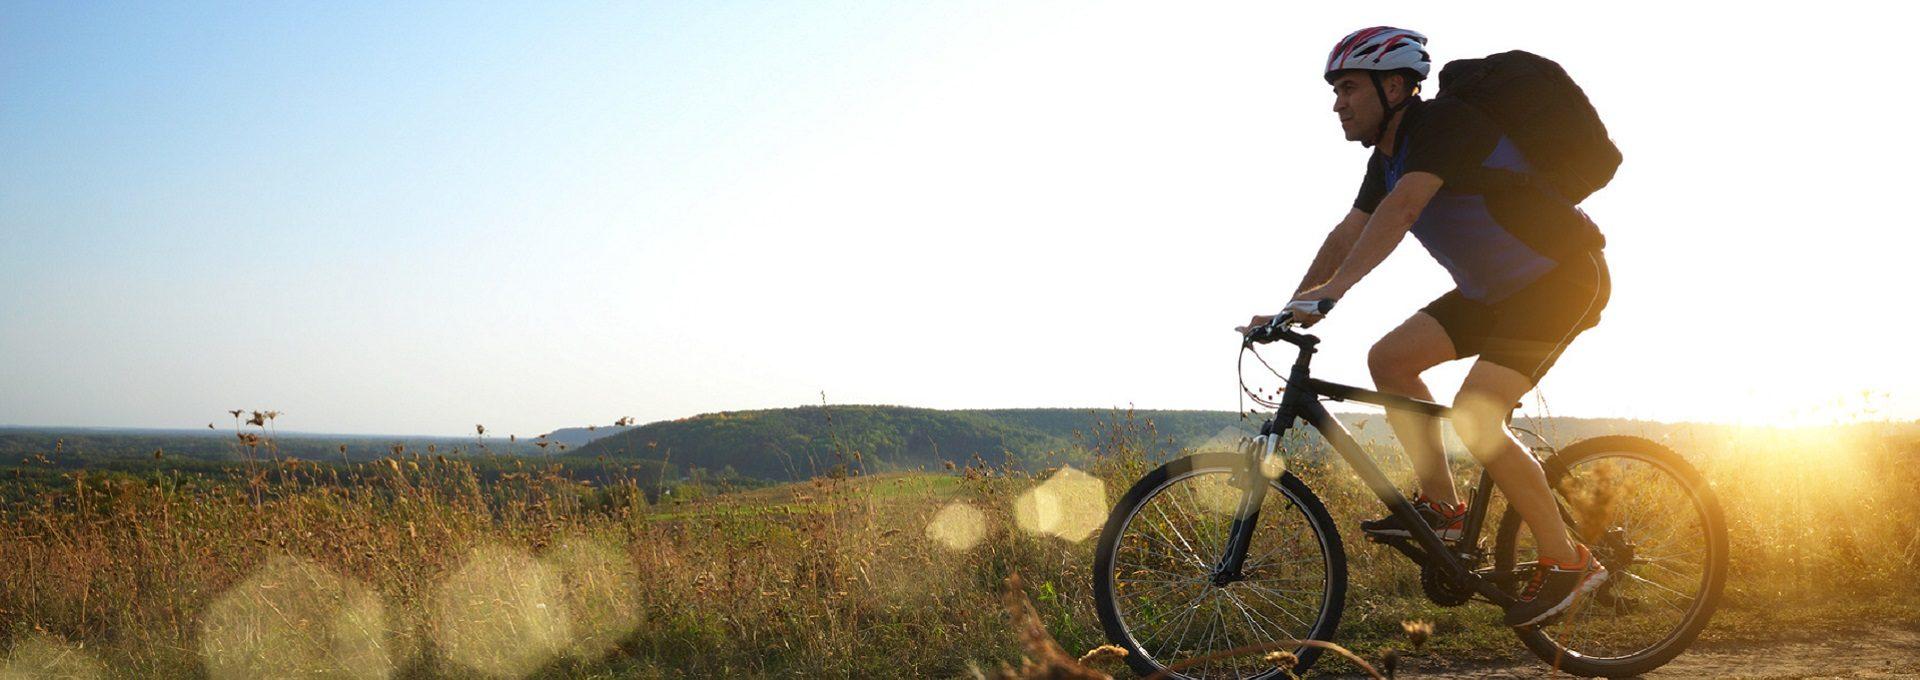 Aufnahme Radfahrer